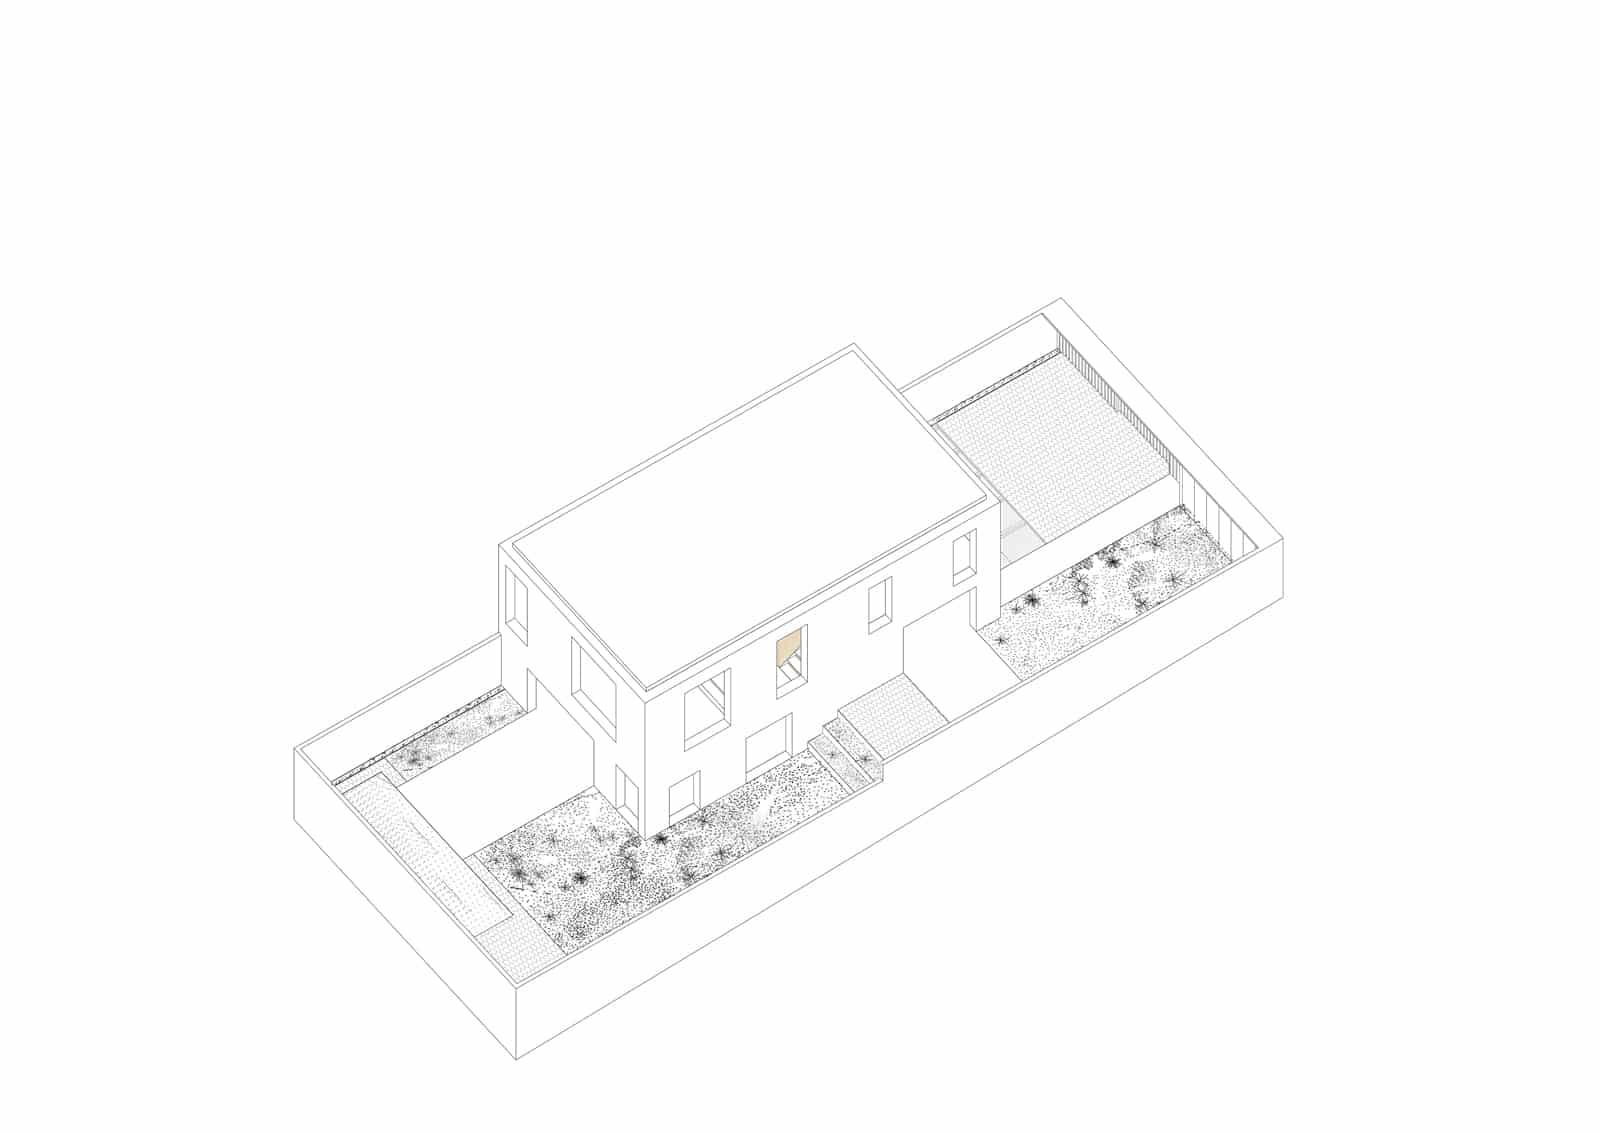 Woodcase House  - 20210907 AyllonParadelaDeAndres Woodcase 11.3 56